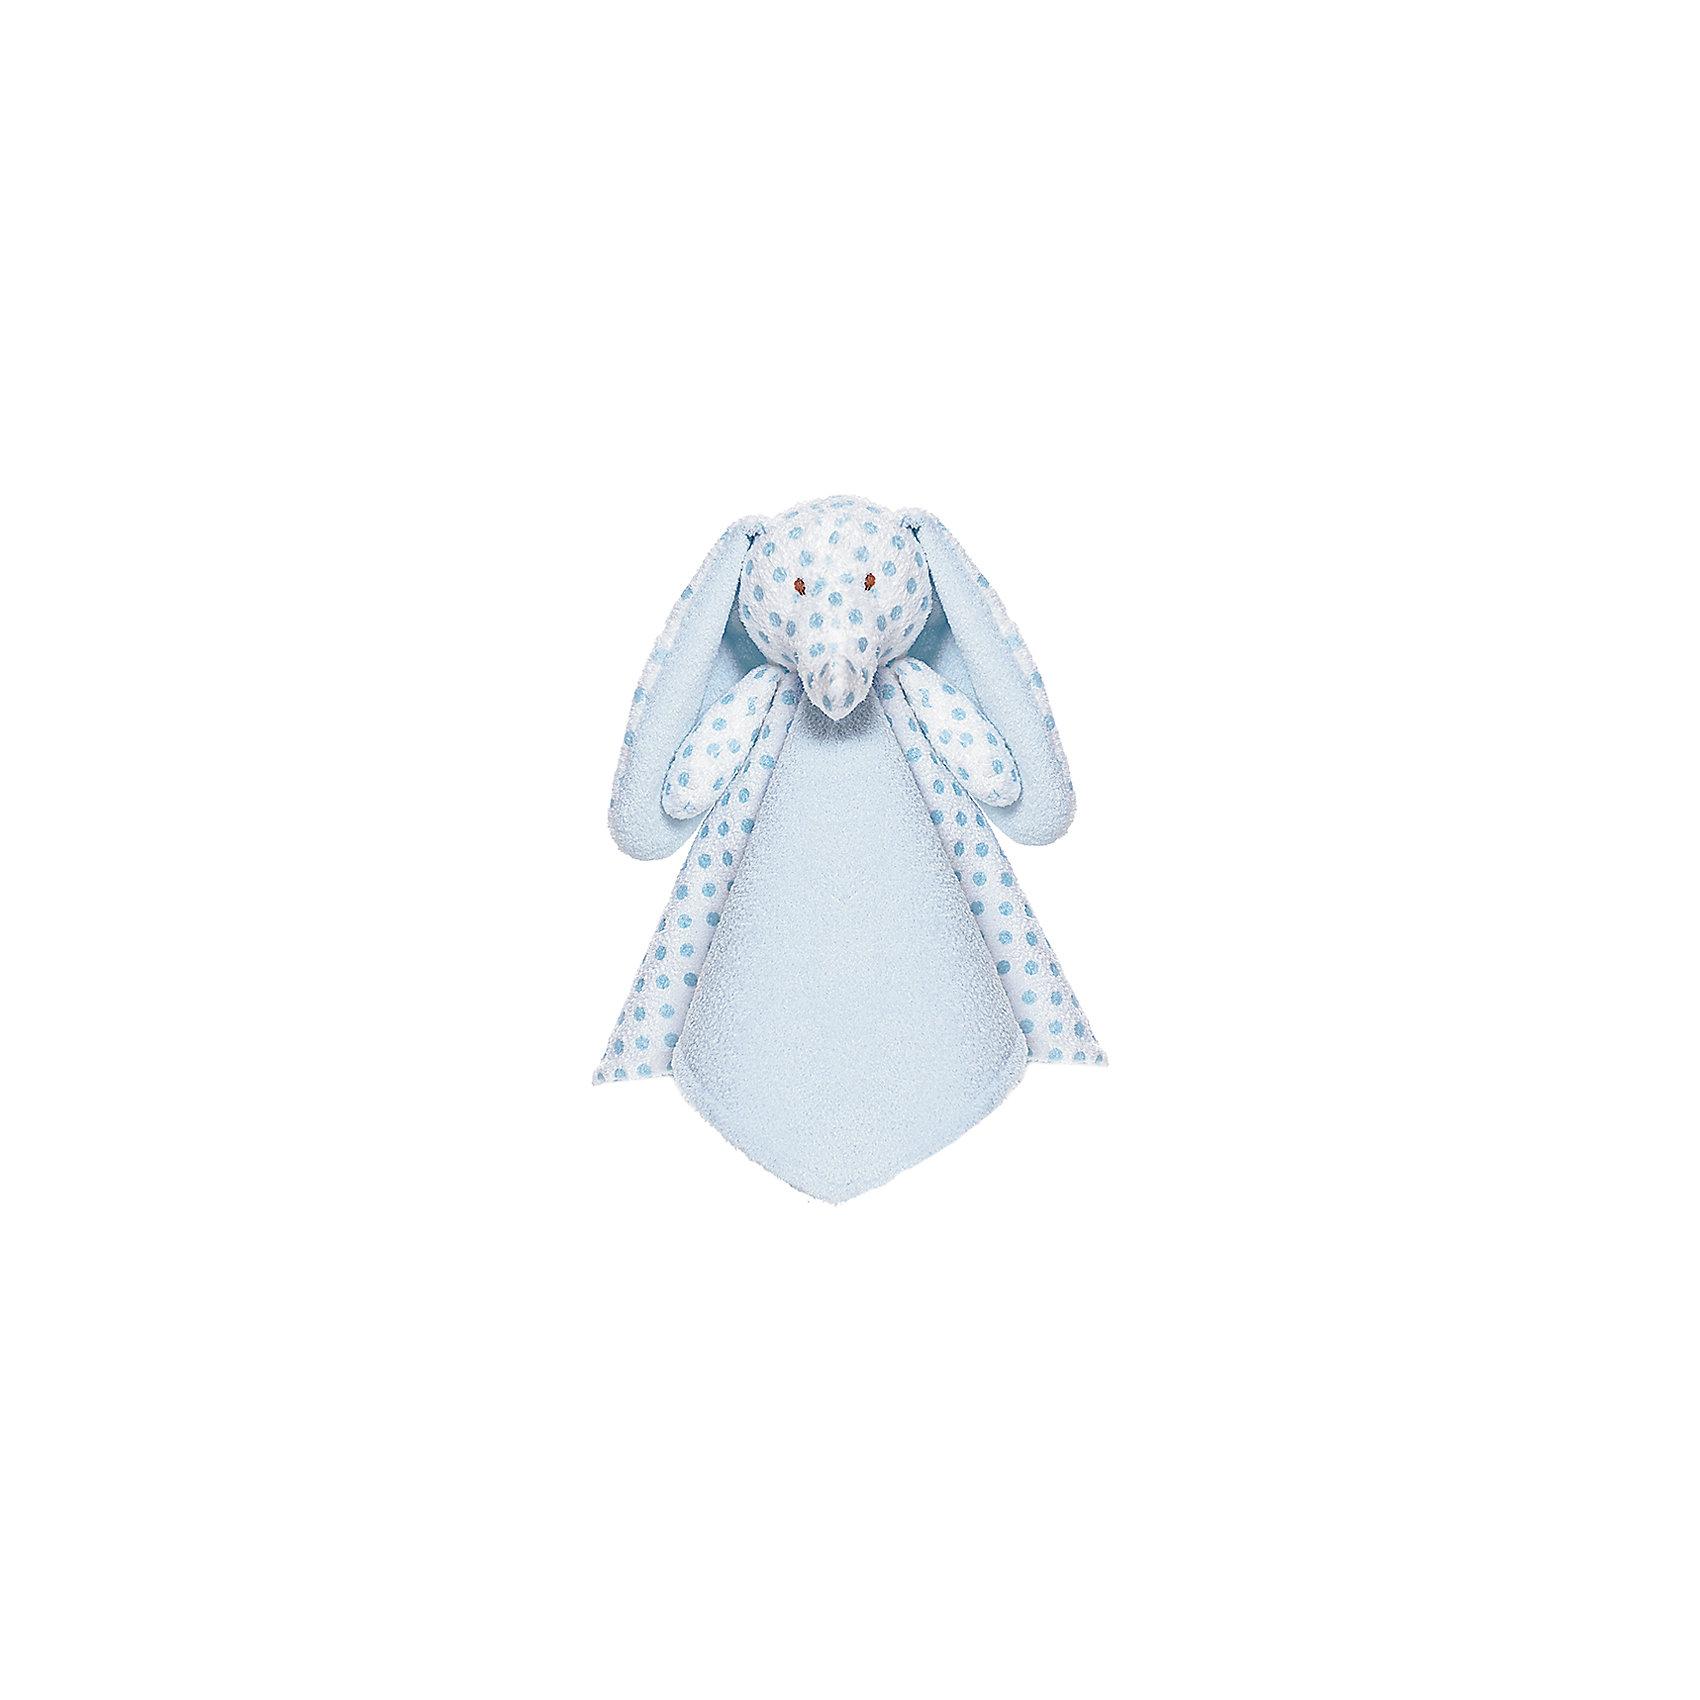 Платочек Слоник-  Большие ушки, Тедди бэби, ДинглисарИгрушки-платочки<br>Характеристики мягкой игрушки Teddykompaniet: <br><br>• размер платочка: 34х34 см;<br>• материал: 100% хлопок (безворсовый велюр);<br>• серия: Тедди бэби.<br><br>Мягкий платочек с игрушкой-слоником «Большие ушки» в центре выполнен из гипоаллергенного текстиля. В разложенном виде имеет форму квадрата, мягкая игрушка-слоник находится в центре. В процессе игры с платочком у малыша развивается мелкая моторика пальчиков, тактильное и зрительное восприятие. <br><br>Платочек Слоник - Большие ушки, Тедди бэби, Динглисар<br><br>Ширина мм: 100<br>Глубина мм: 50<br>Высота мм: 100<br>Вес г: 120<br>Возраст от месяцев: 0<br>Возраст до месяцев: 12<br>Пол: Унисекс<br>Возраст: Детский<br>SKU: 5220846